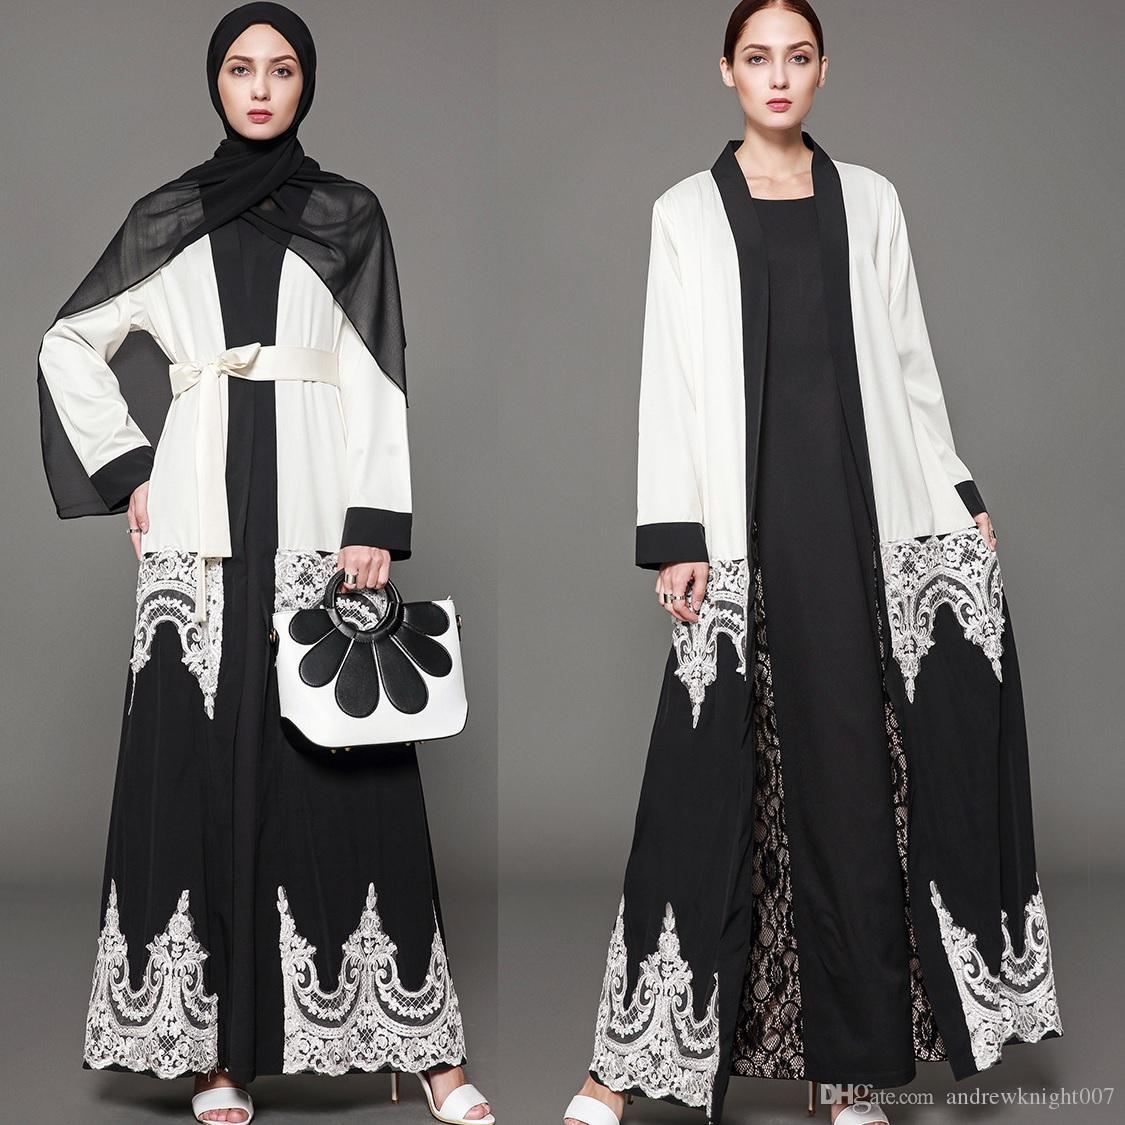 5XL мусульманских женщин элегантное платье с длинным рукавом длиной до пола свободные кружева черный белый Дубай Абая черный белый Дубай платье с поясом DK731MZ